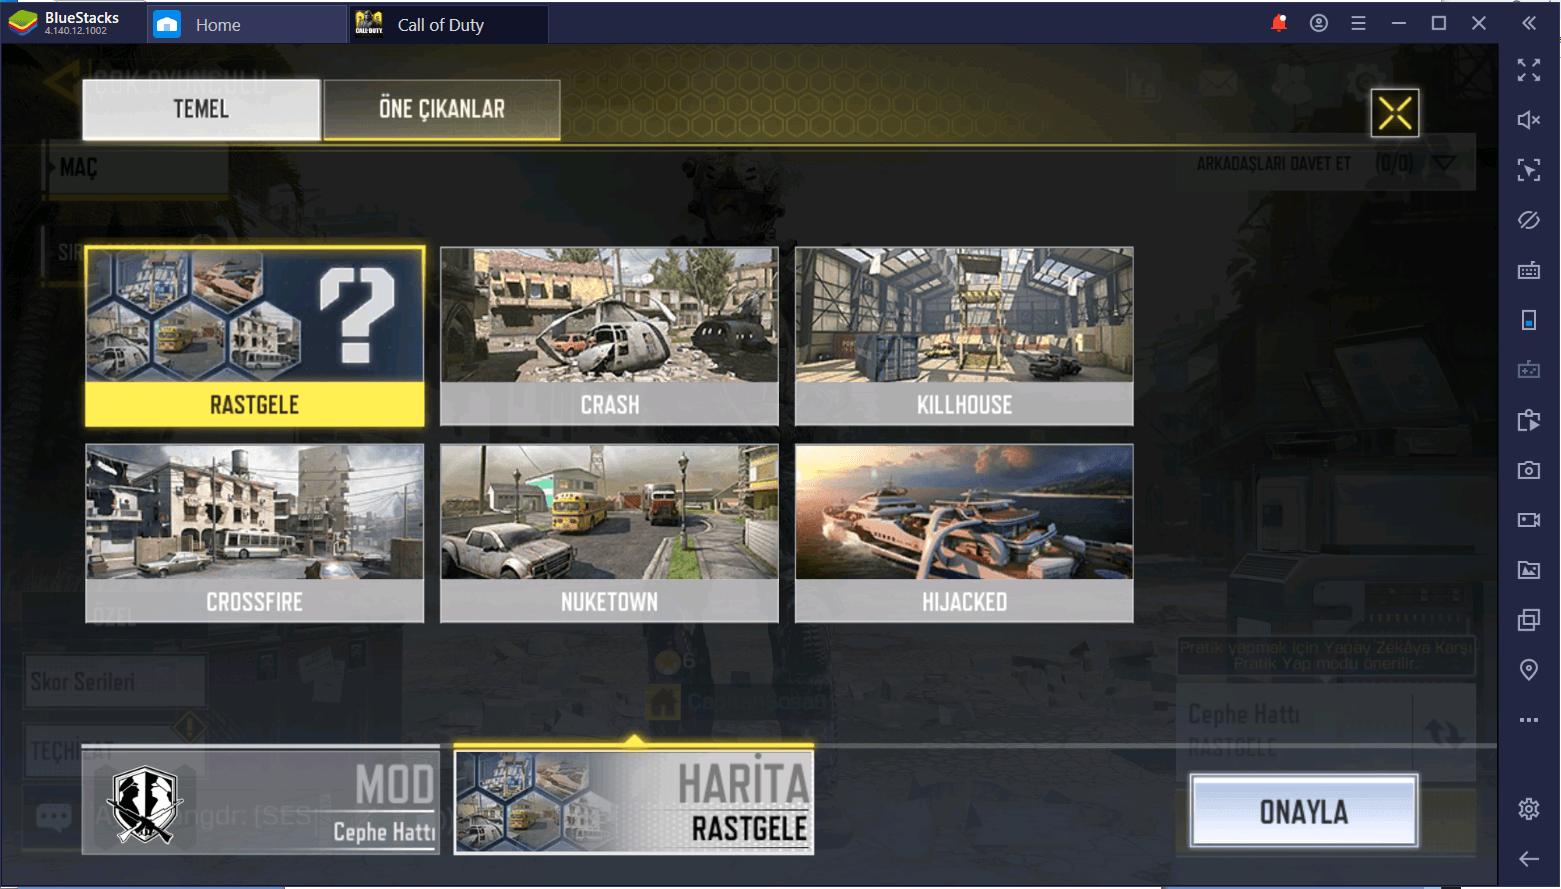 Call of Duty Mobile: Pro Oyunculardan Taktikler ve İpuçları